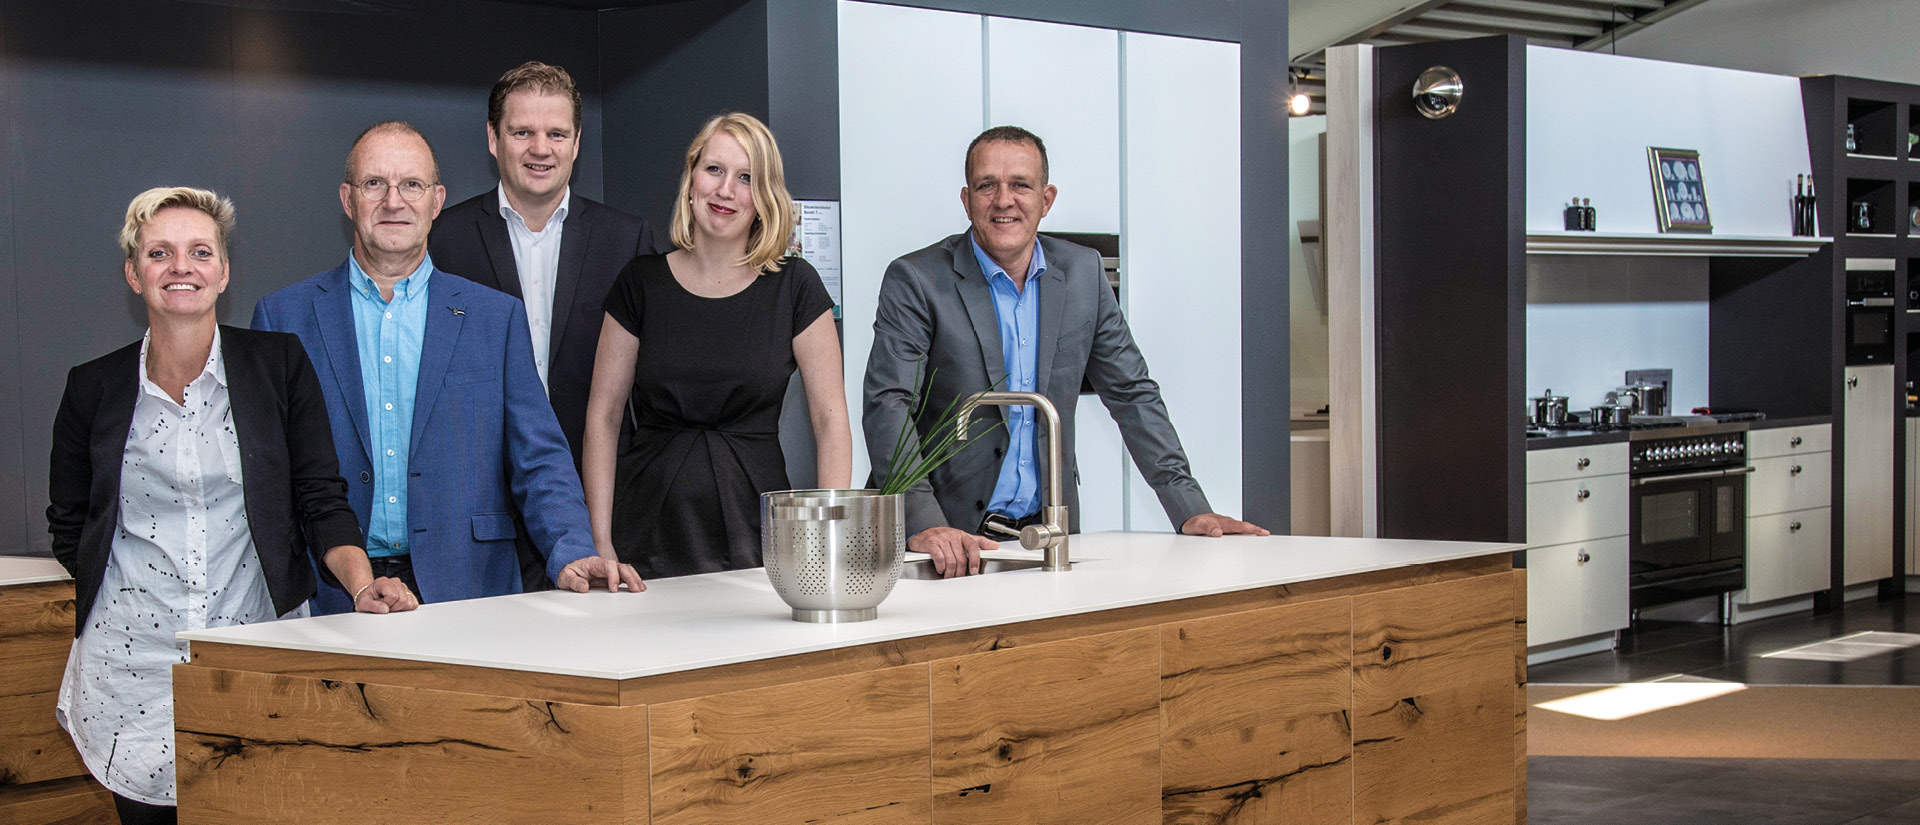 Berkers Keukens Deurne : Keukens speciaal voor u uw keukenspeciaalzaak